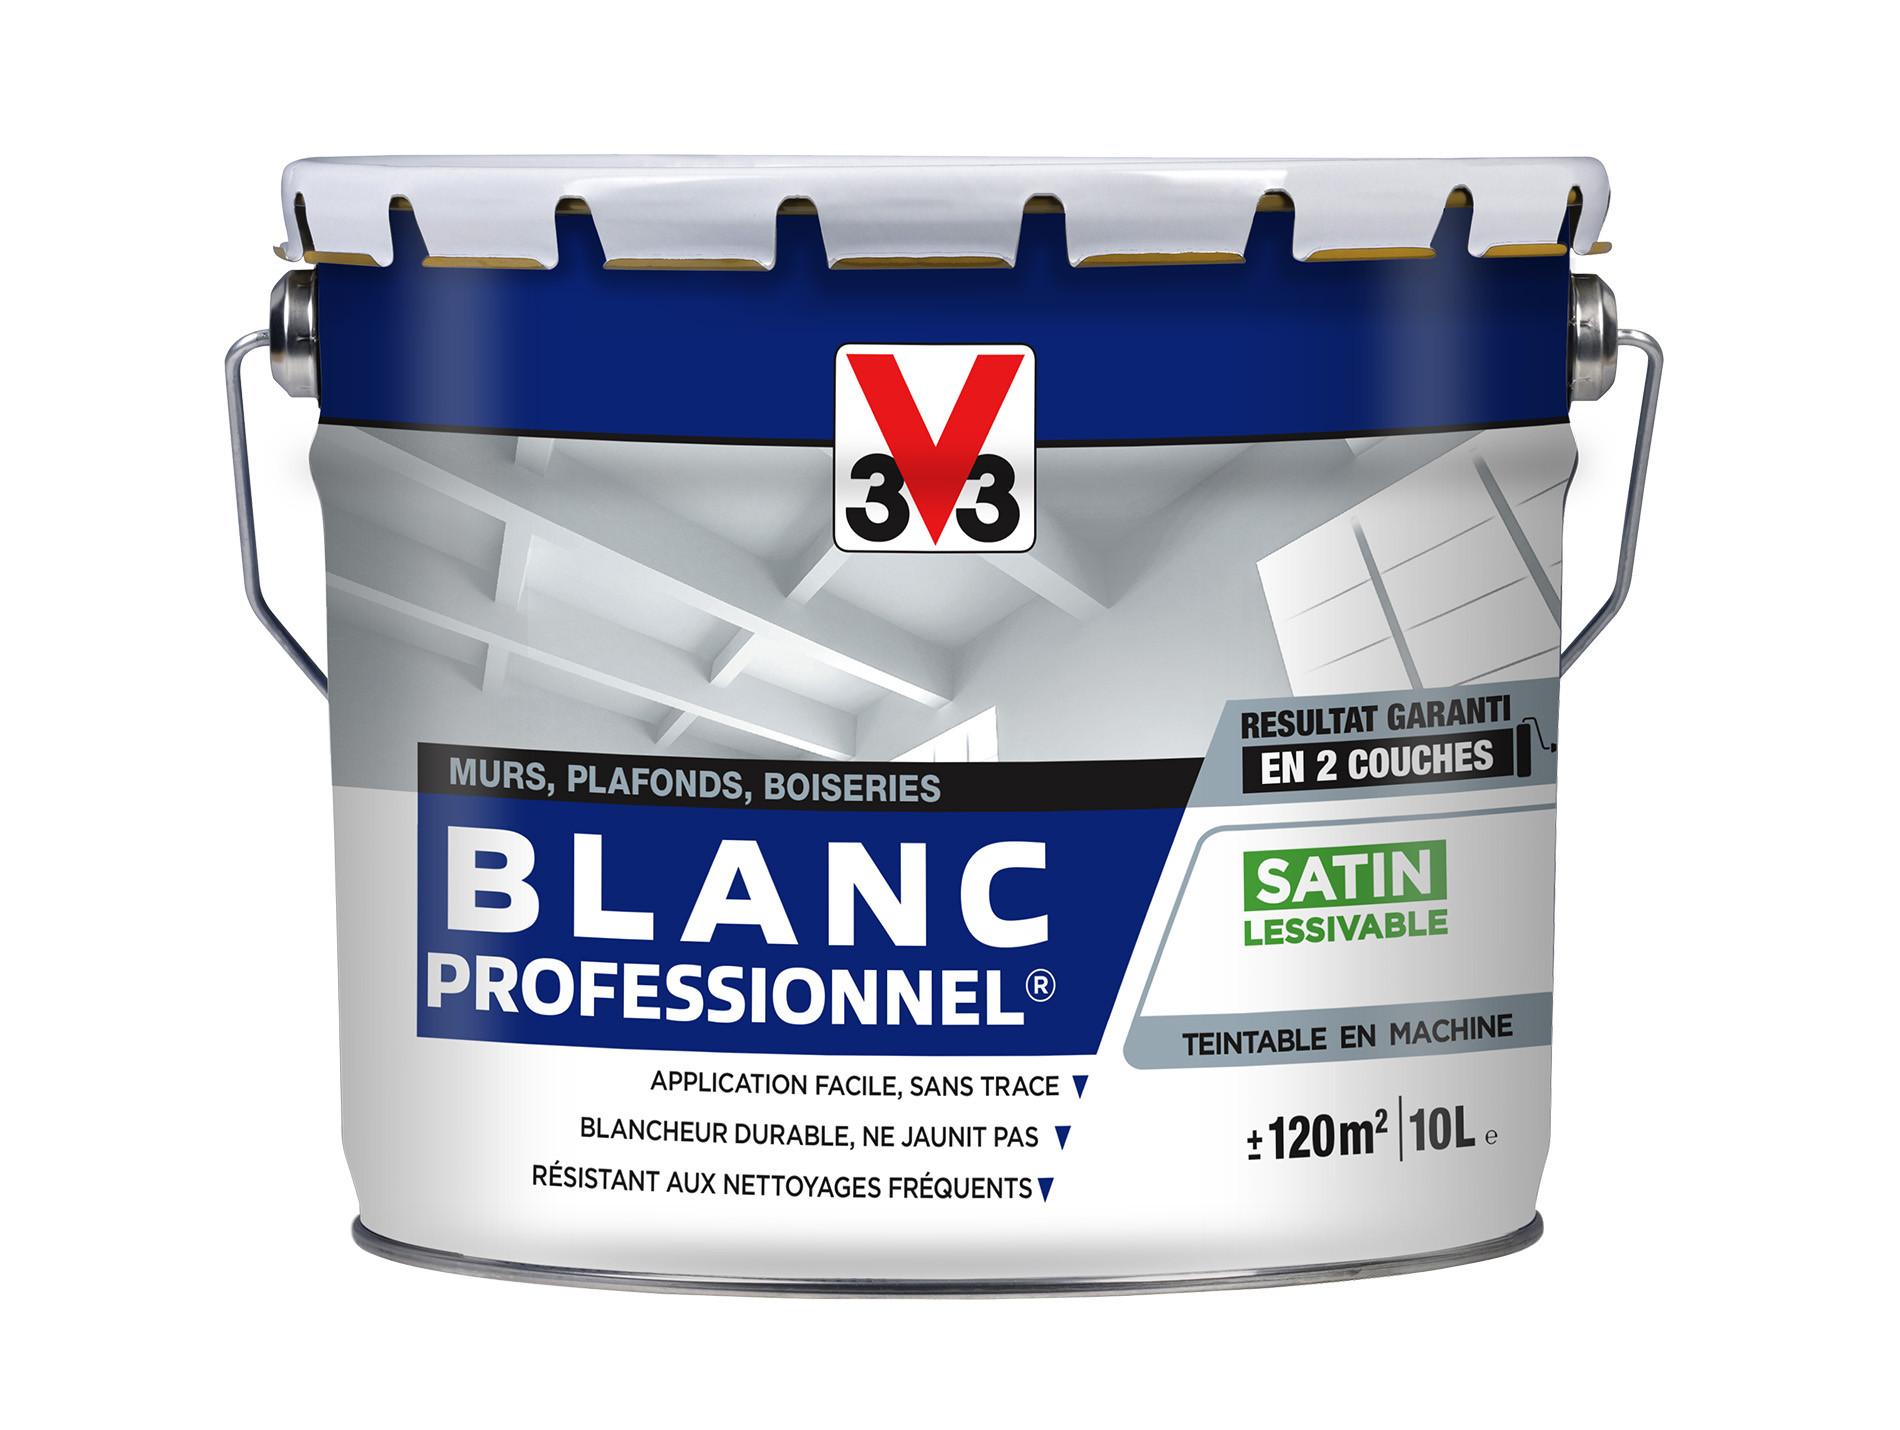 Peinture Intérieure Blanche V33 Acryl Pro Satin 10l